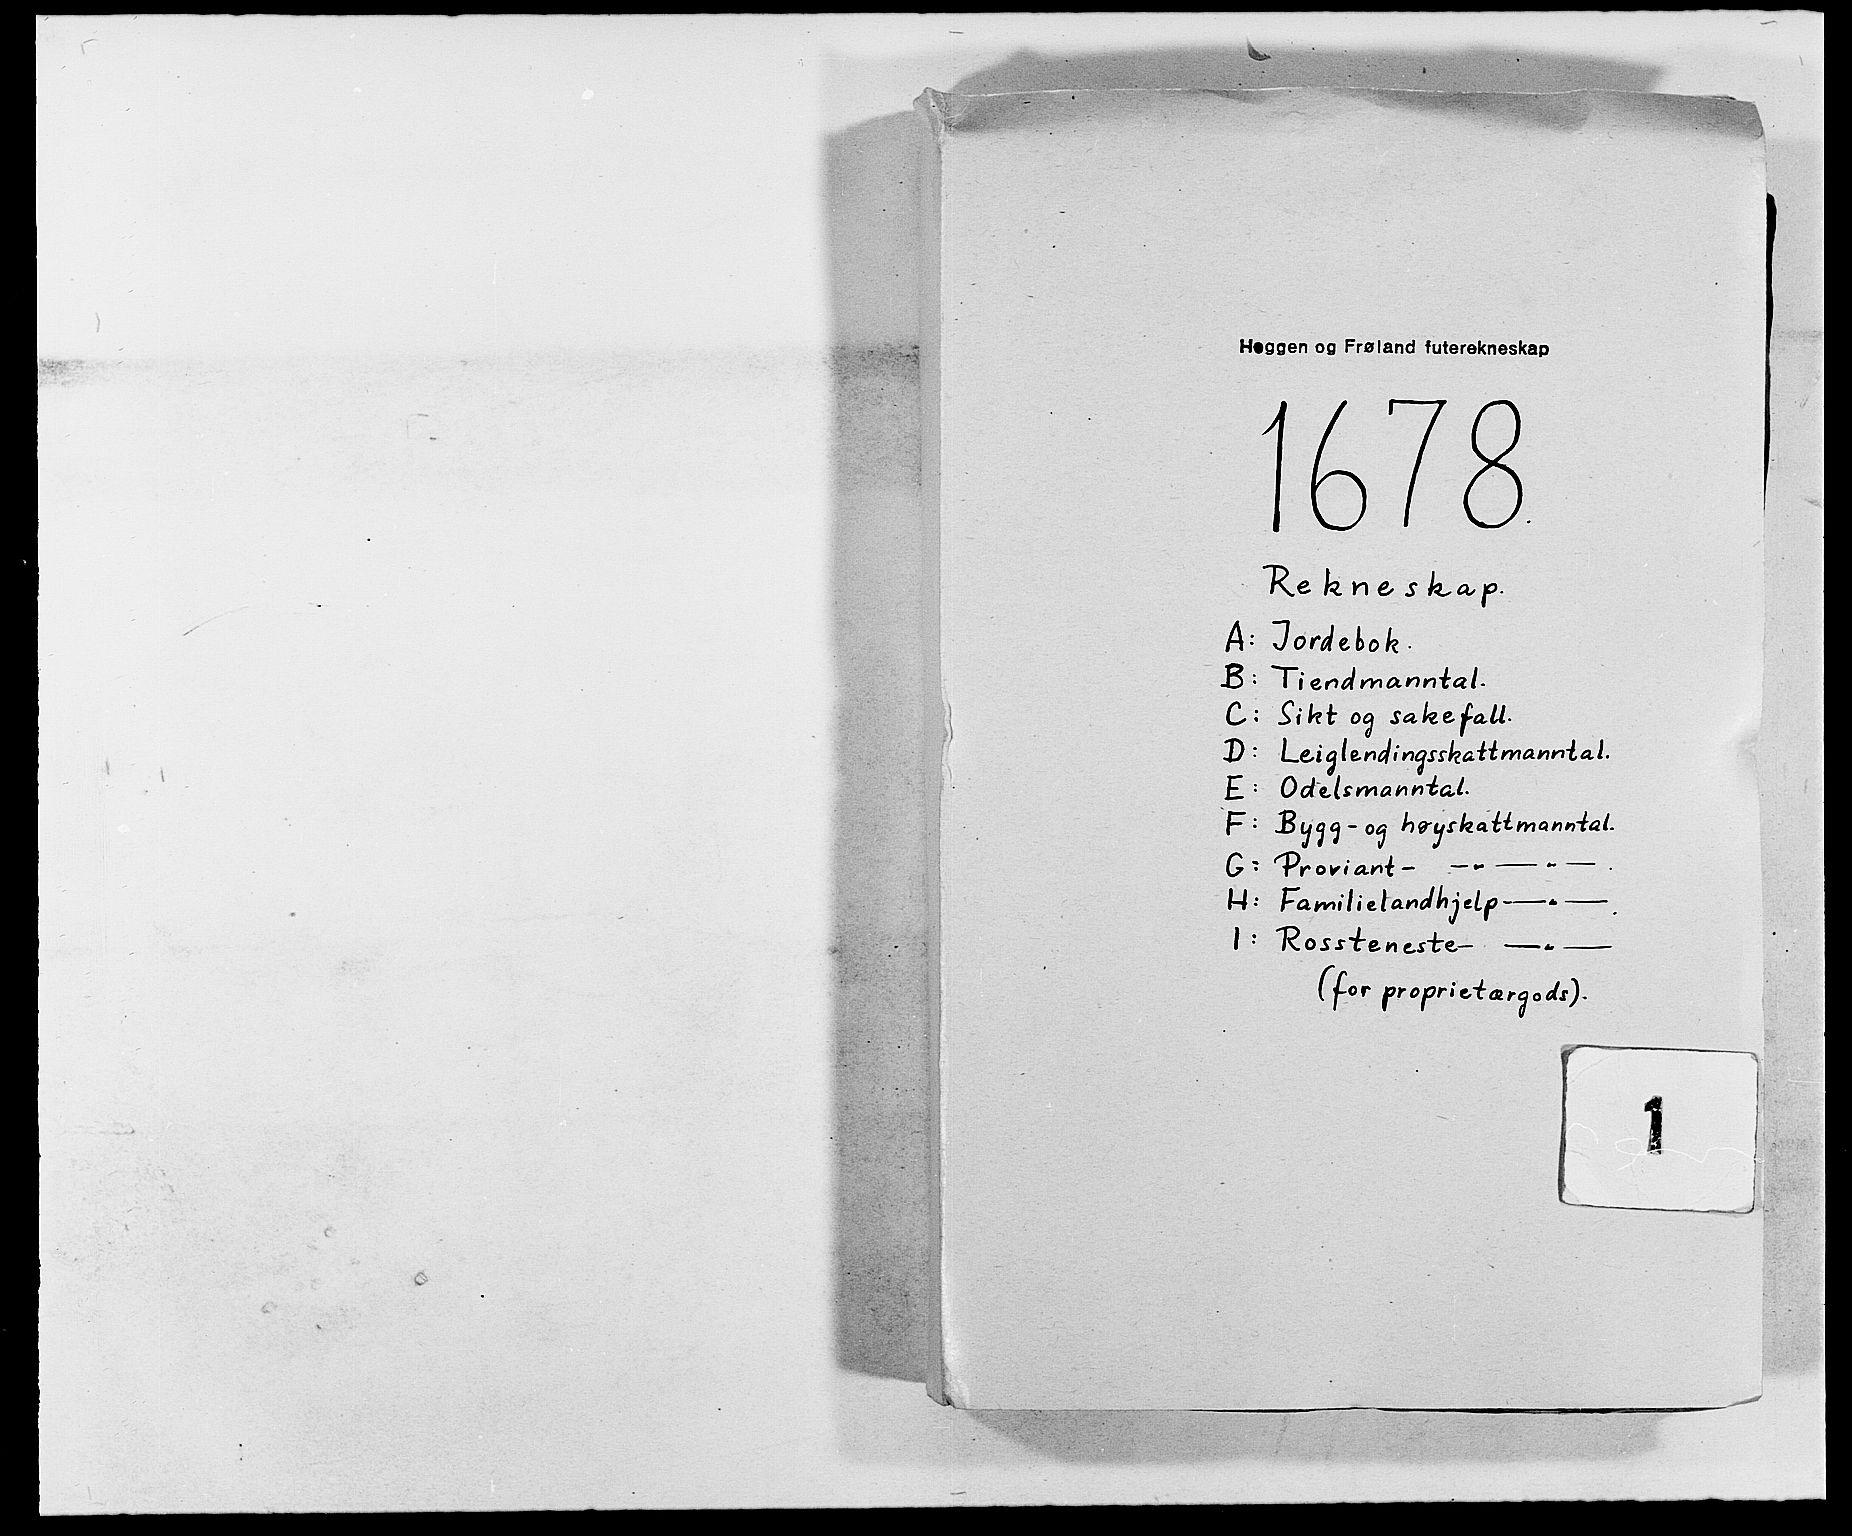 RA, Rentekammeret inntil 1814, Reviderte regnskaper, Fogderegnskap, R06/L0279: Fogderegnskap Heggen og Frøland, 1678-1680, s. 1